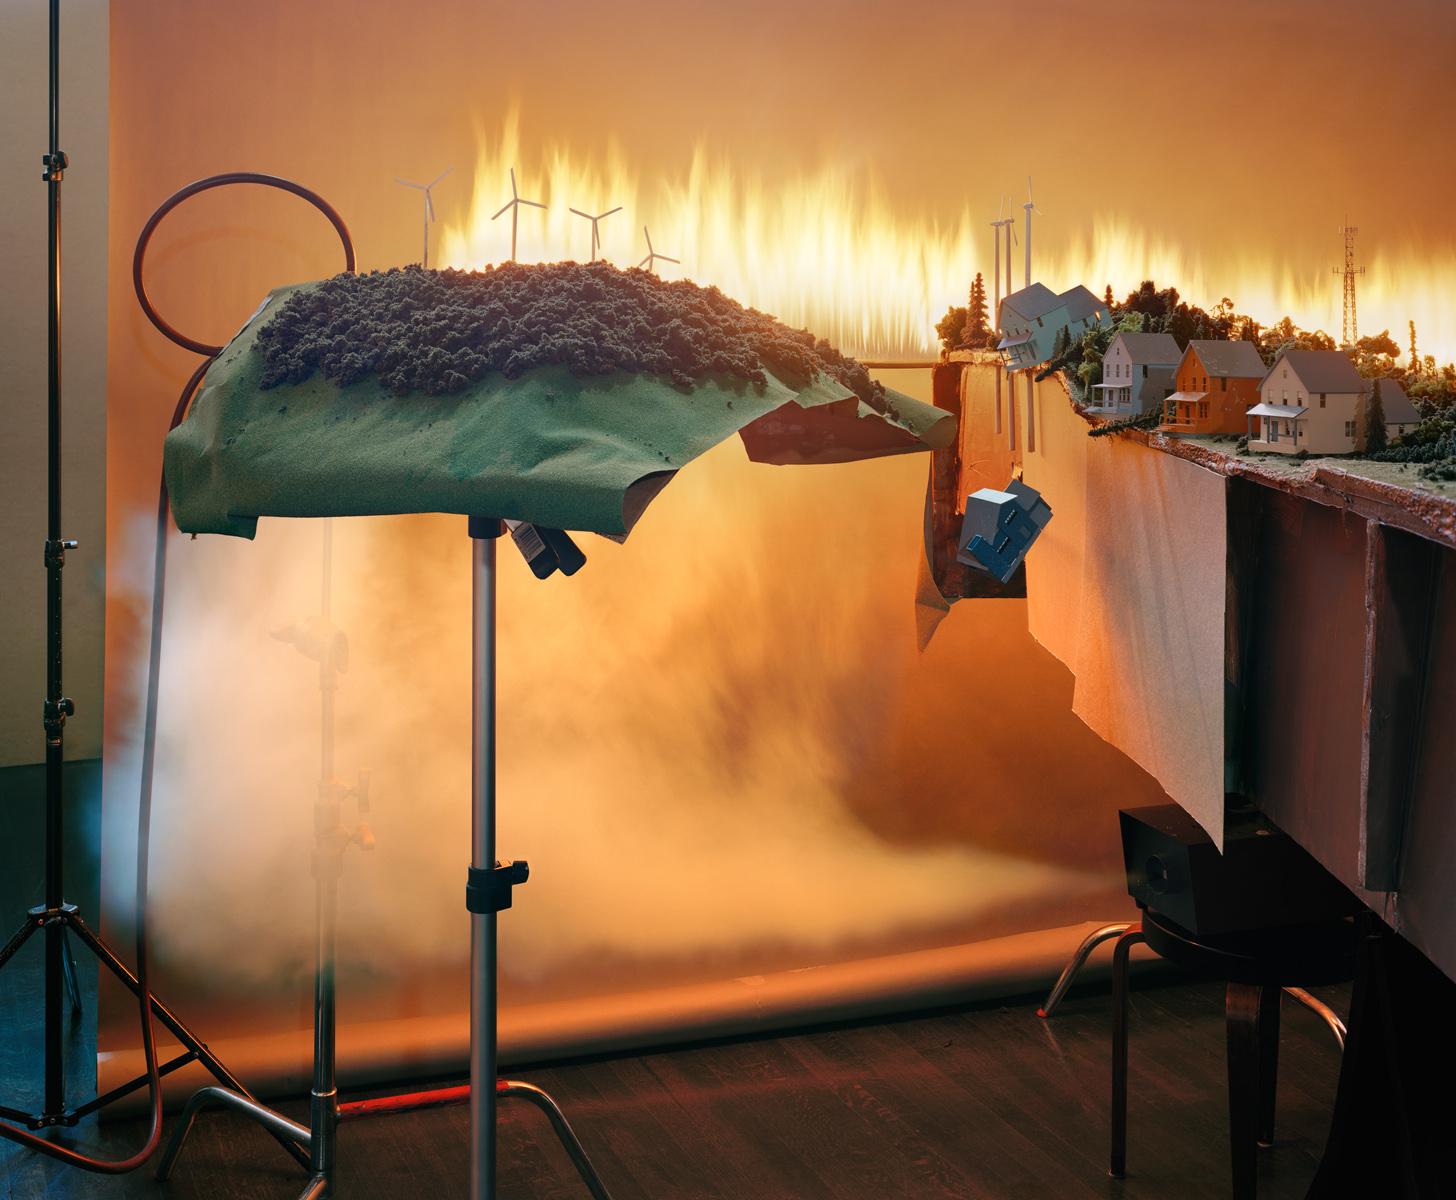 Falling_House_w_Fire_2012.jpg